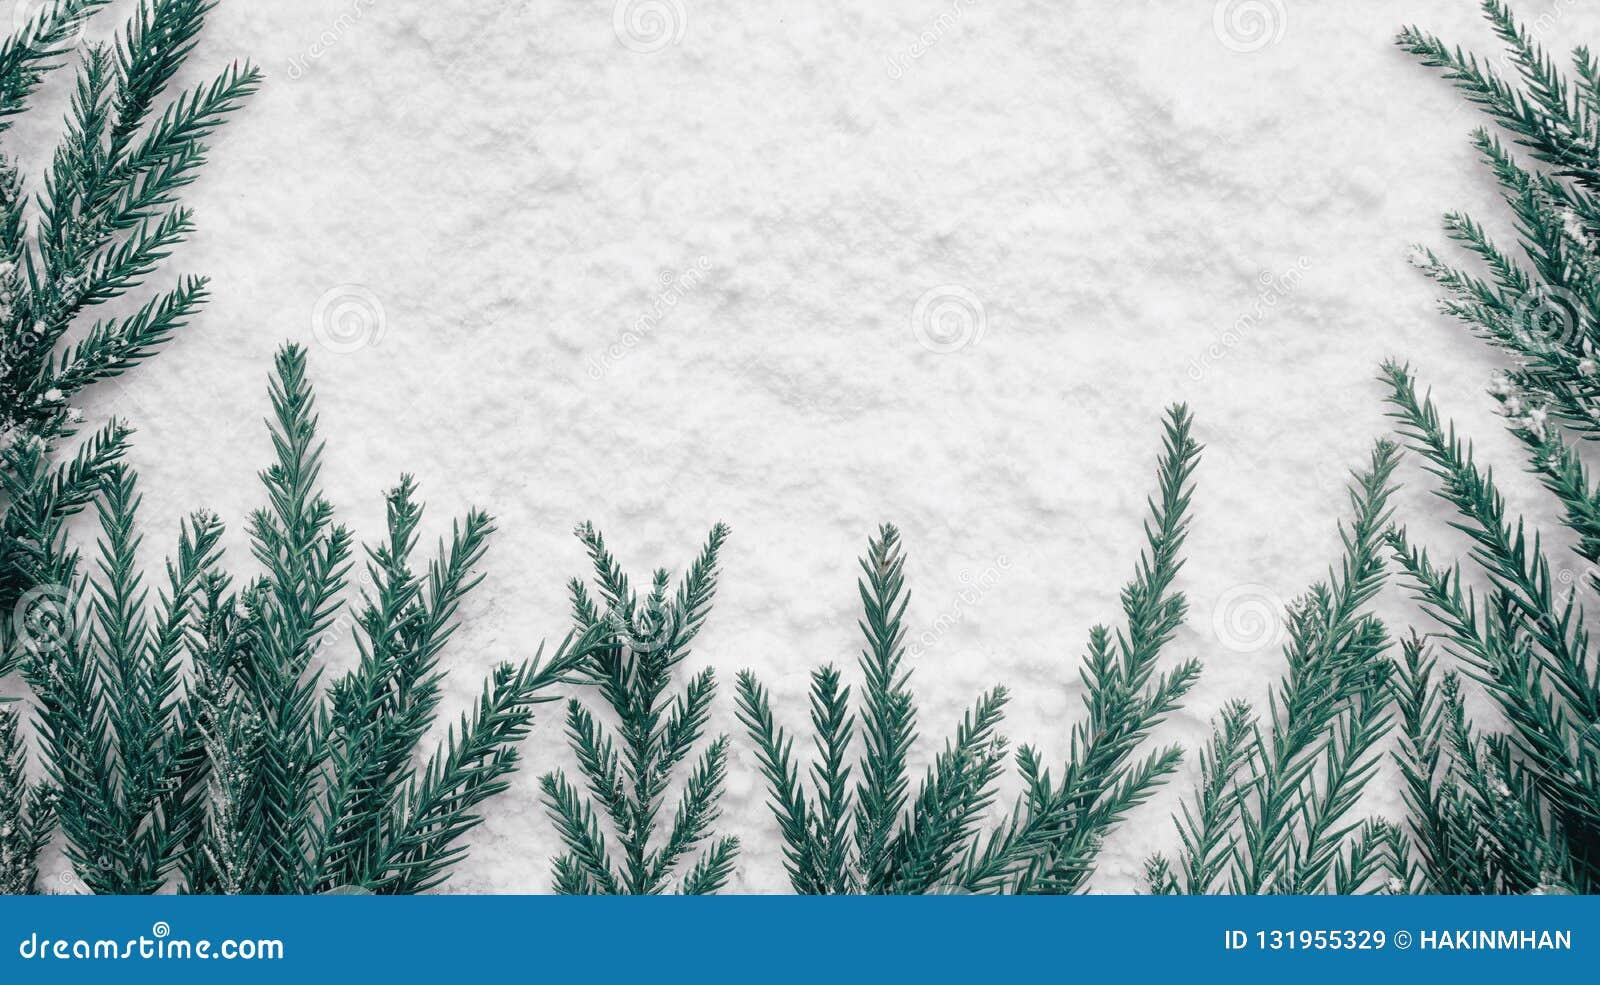 Estação do inverno, ideias dos conceitos do Natal com pinheiro e neve